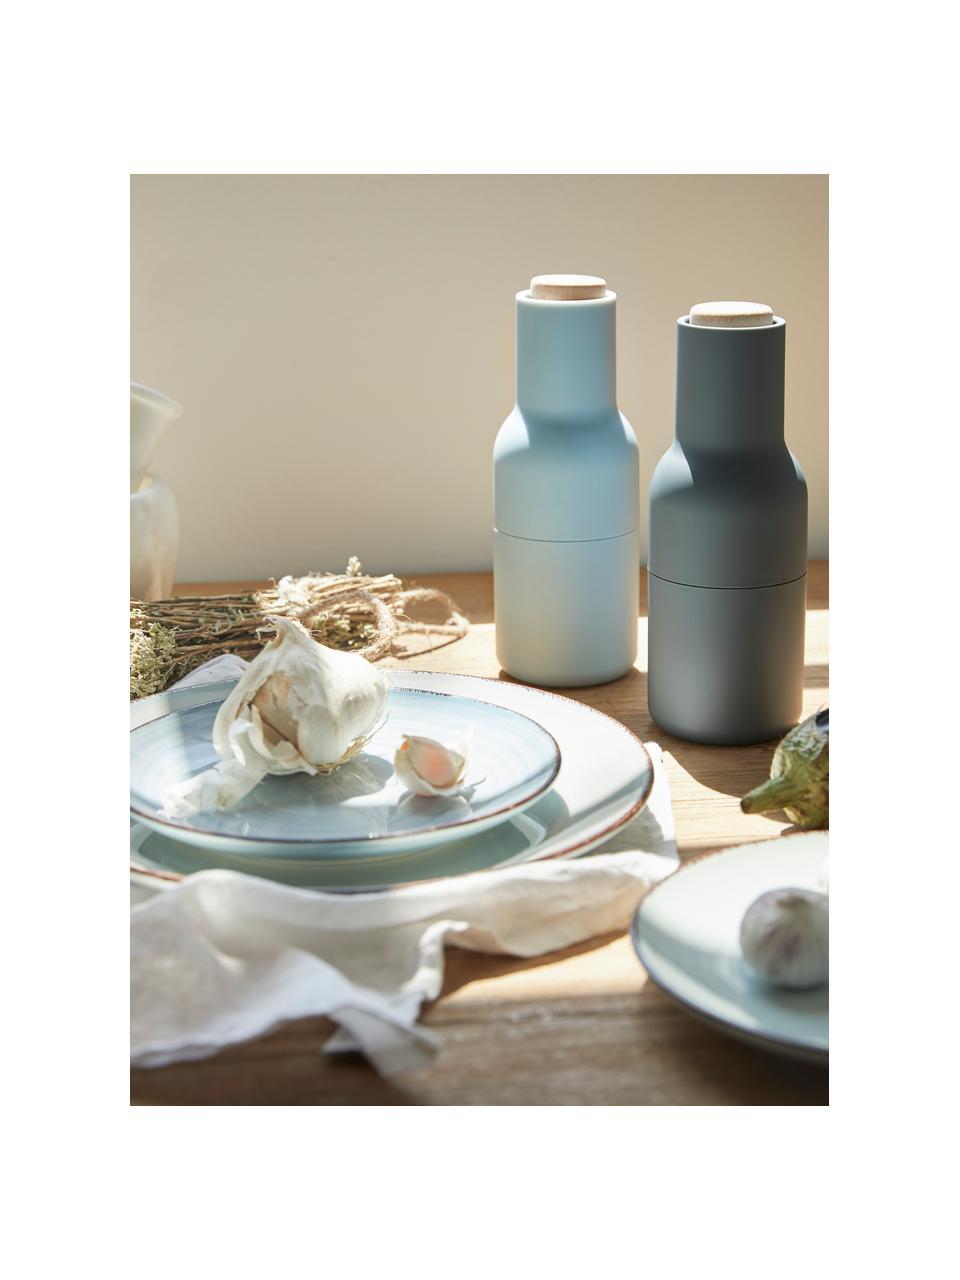 Komplet młynków do soli i pieprzu Bottle Grinder, 2elem., Korpus: tworzywo sztuczne, Niebieski, jasny niebieski, brązowy, Ø 8 x W 21 cm